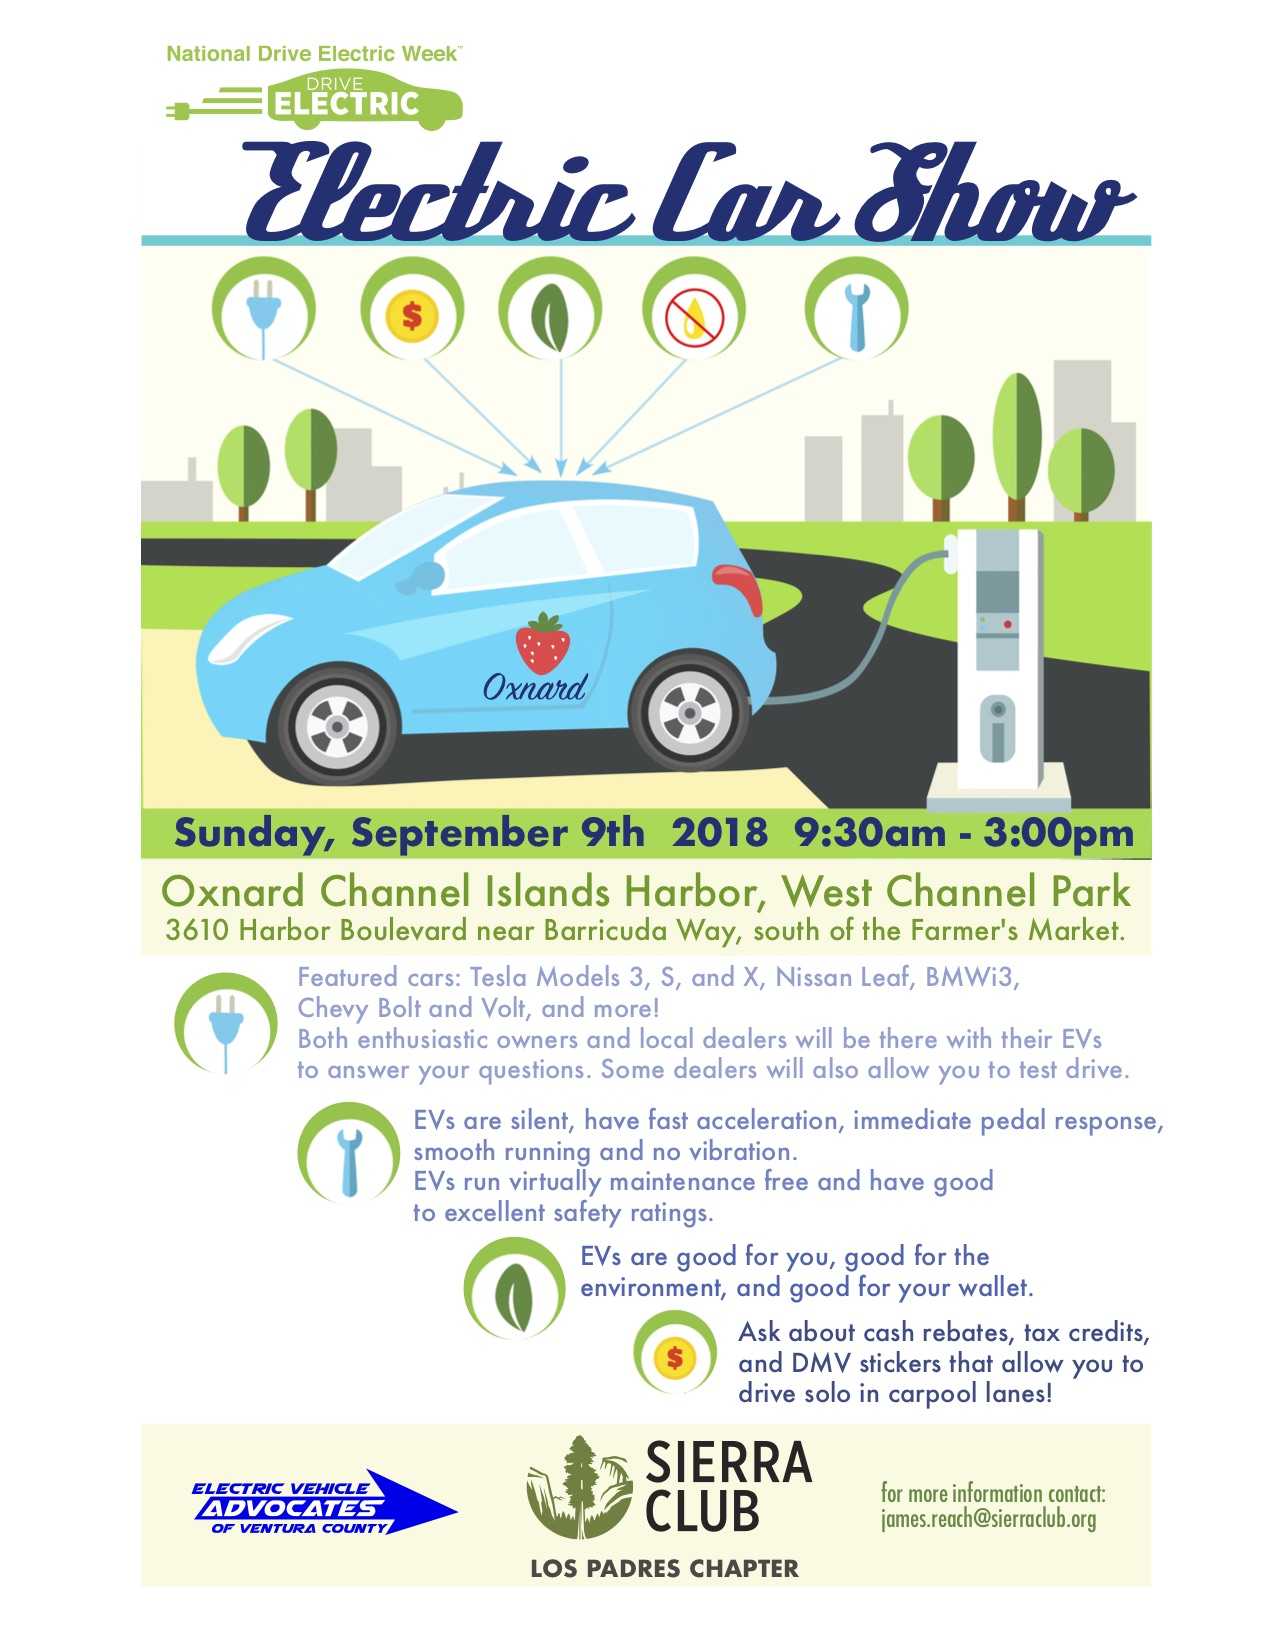 National Drive Electric Week Car Show Visit Oxnard - Oxnard car show